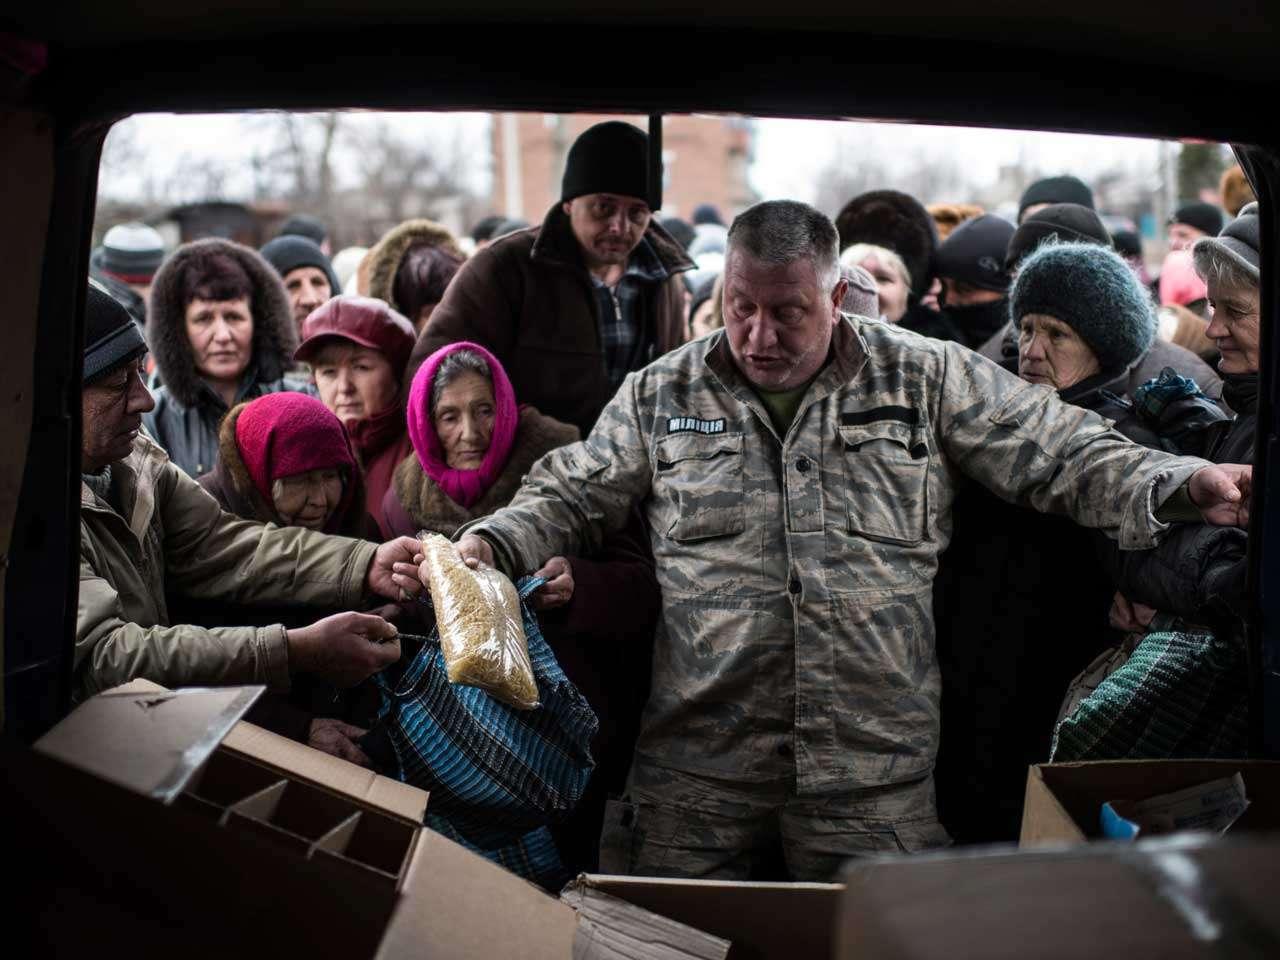 Un voluntario reparte ayuda humanitaria a residentes de Popasna, este de Ucrania, la tregua y el retiro de armamento da una esperanza para la paz en la región, 28 de febrero de 2015. Foto: AP en español